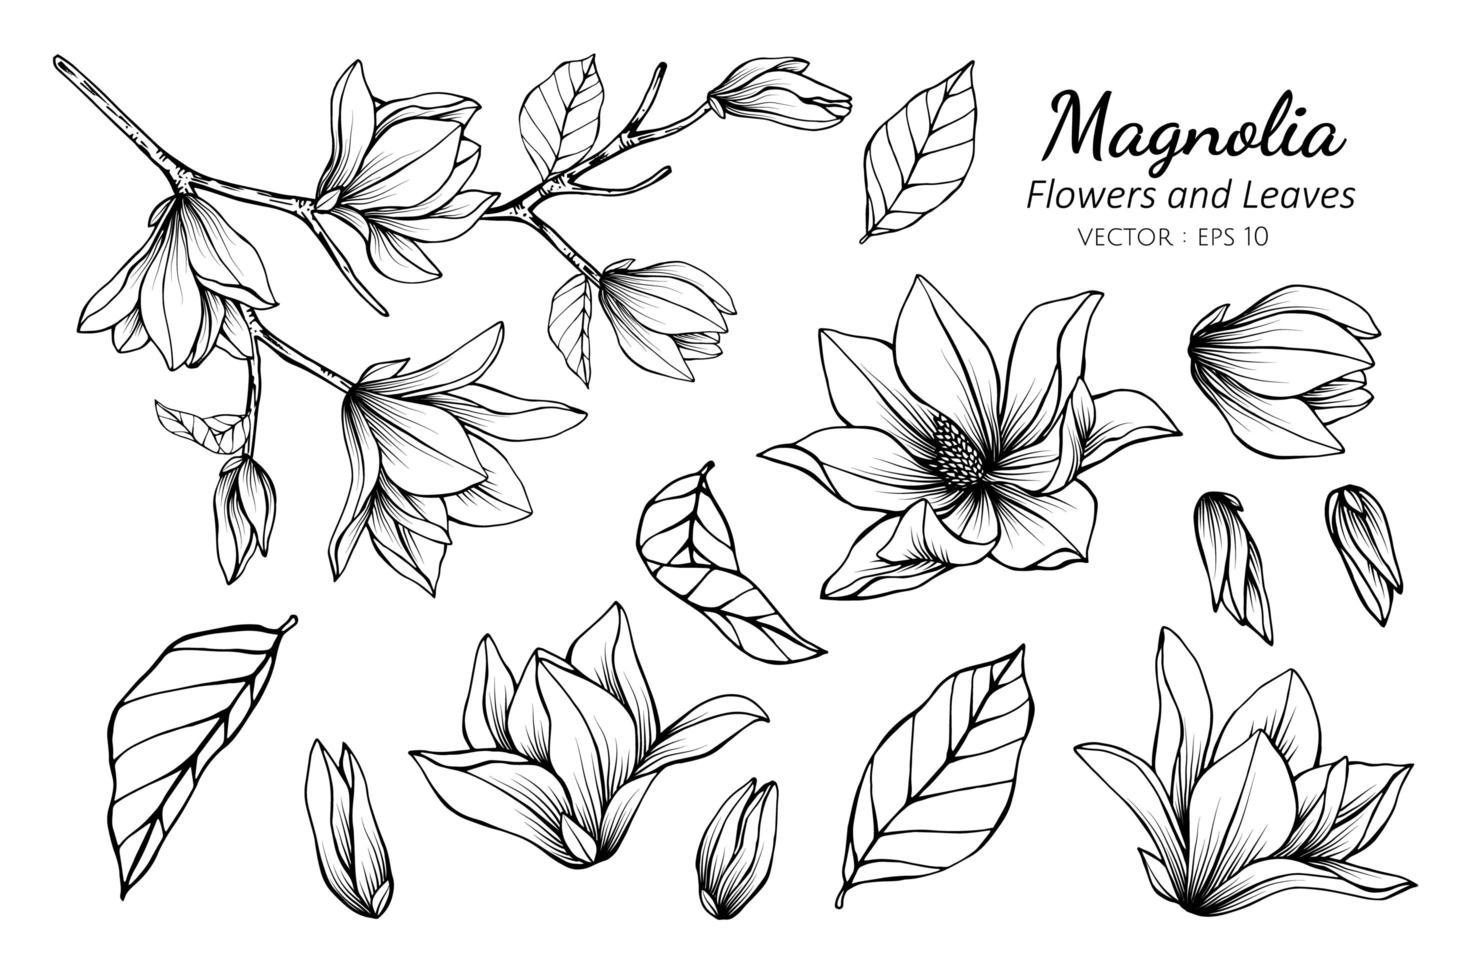 samling av magnolier och blad vektor